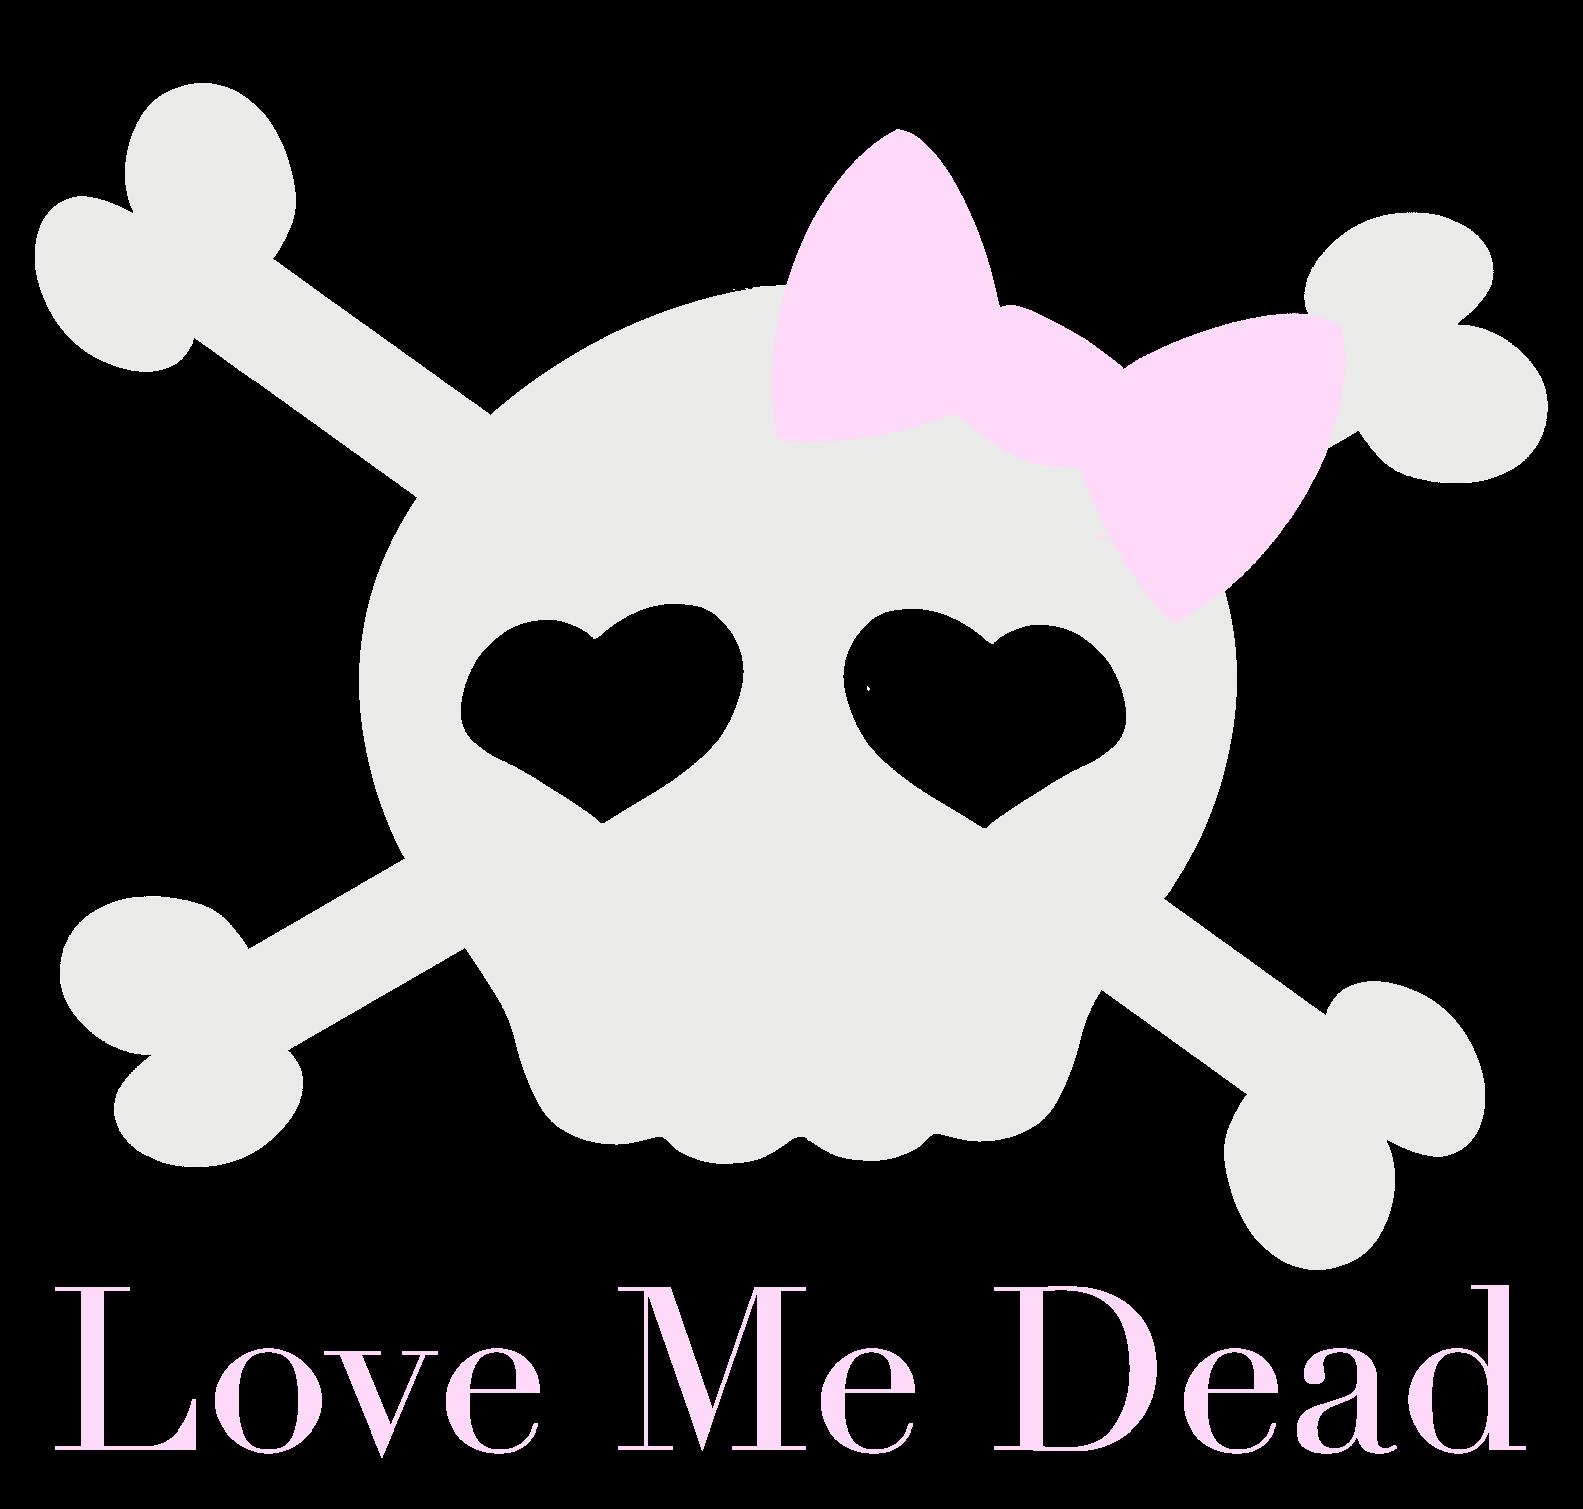 LovemeDead.png